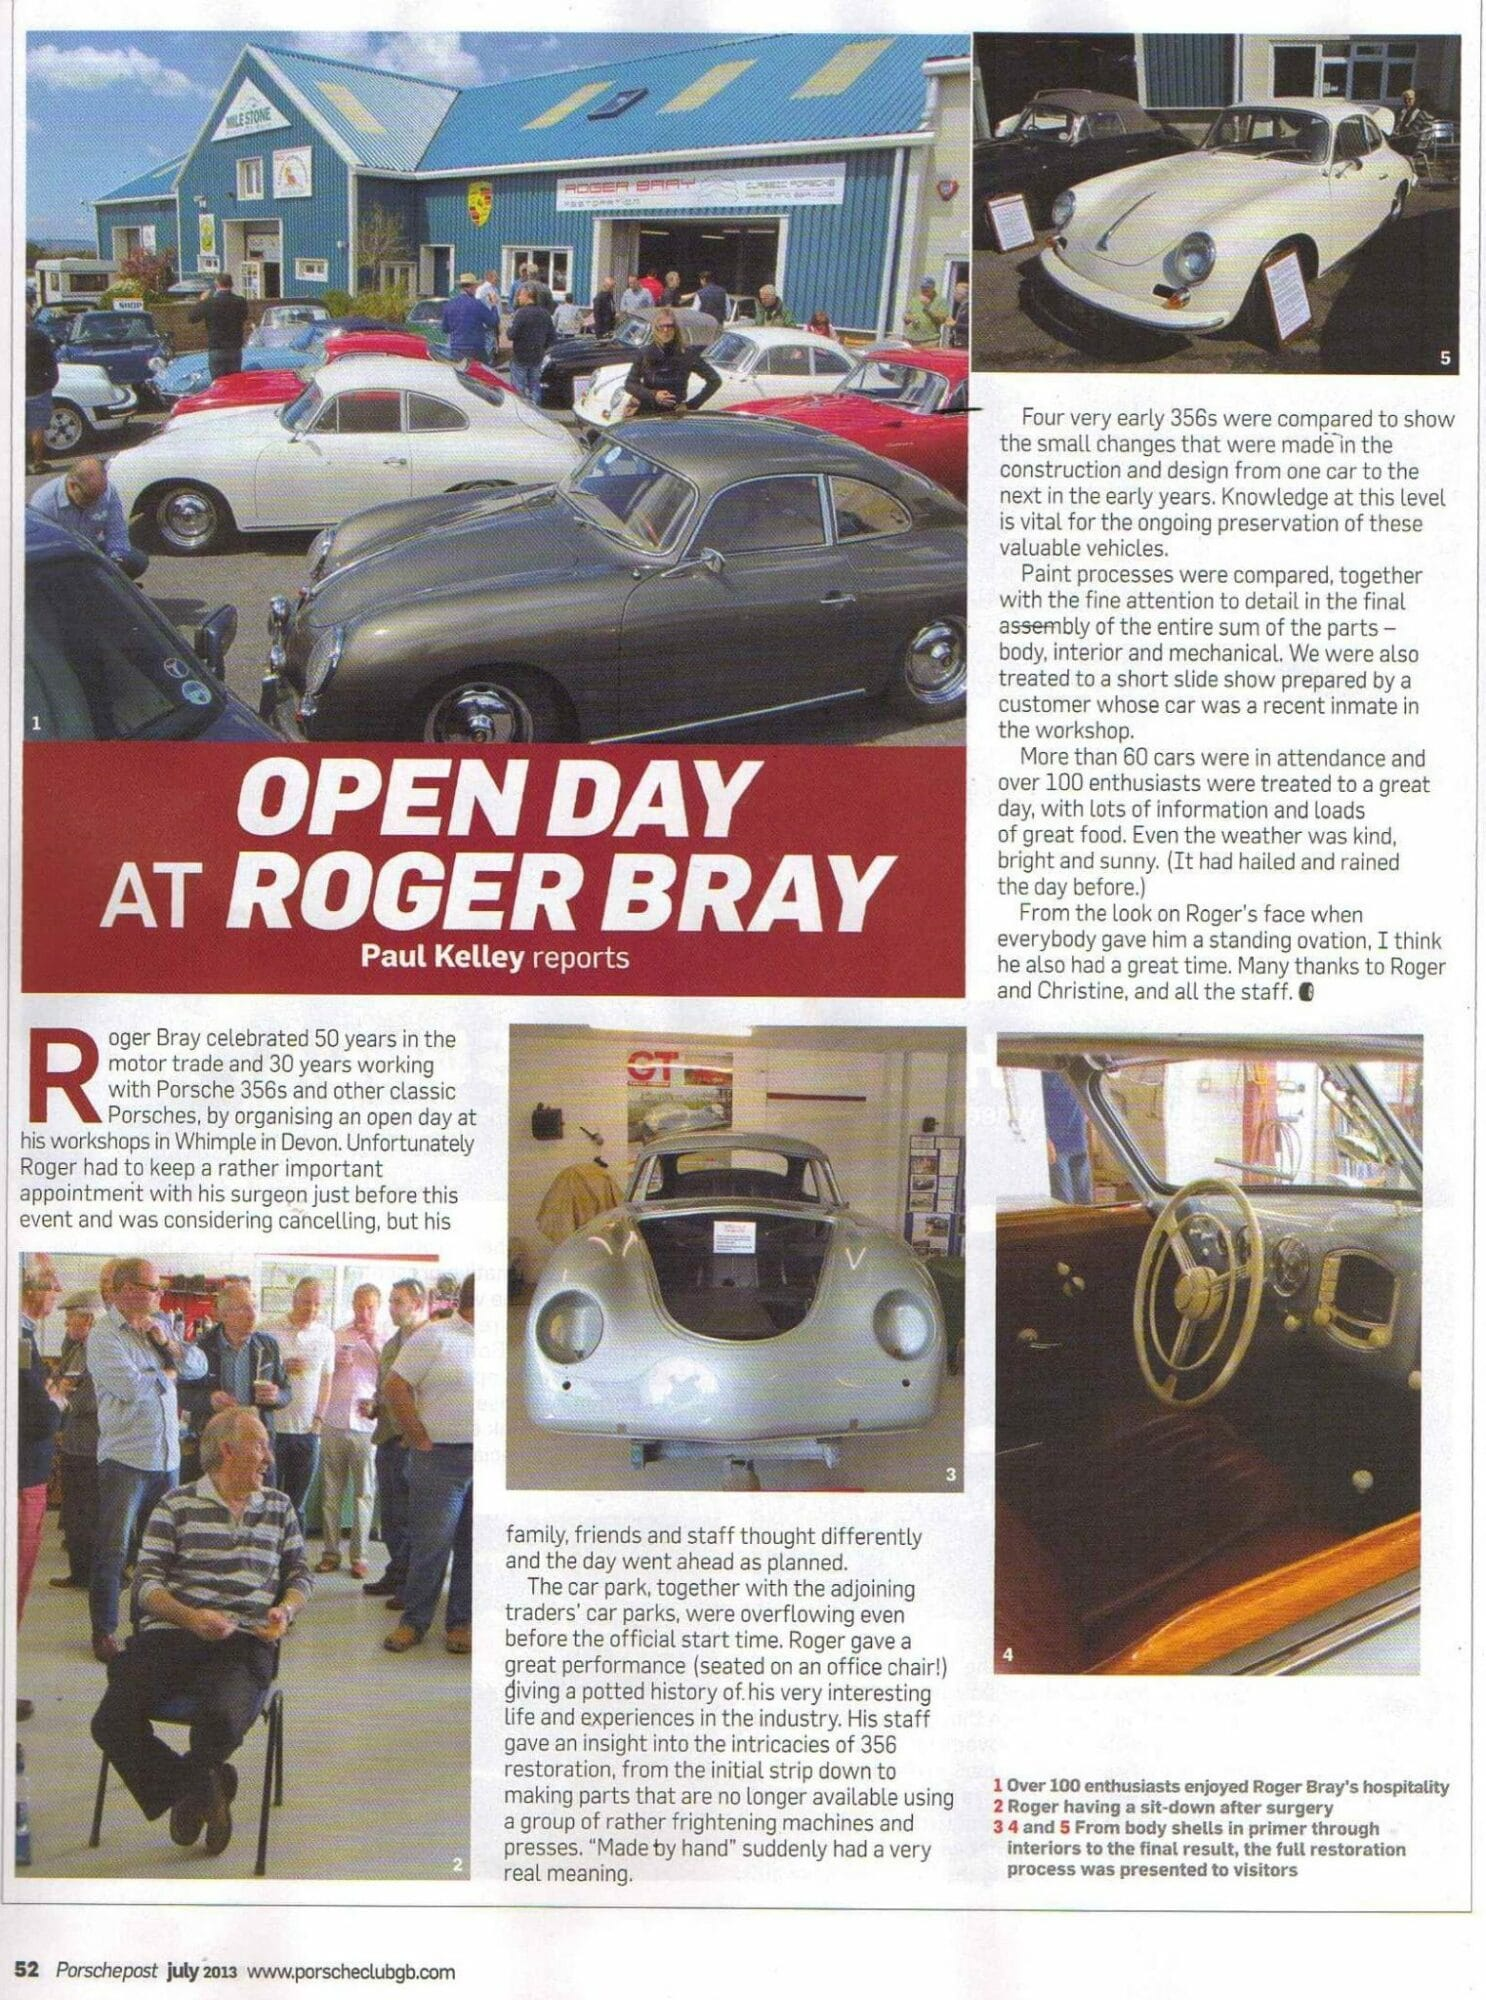 Porsche Post July 2013